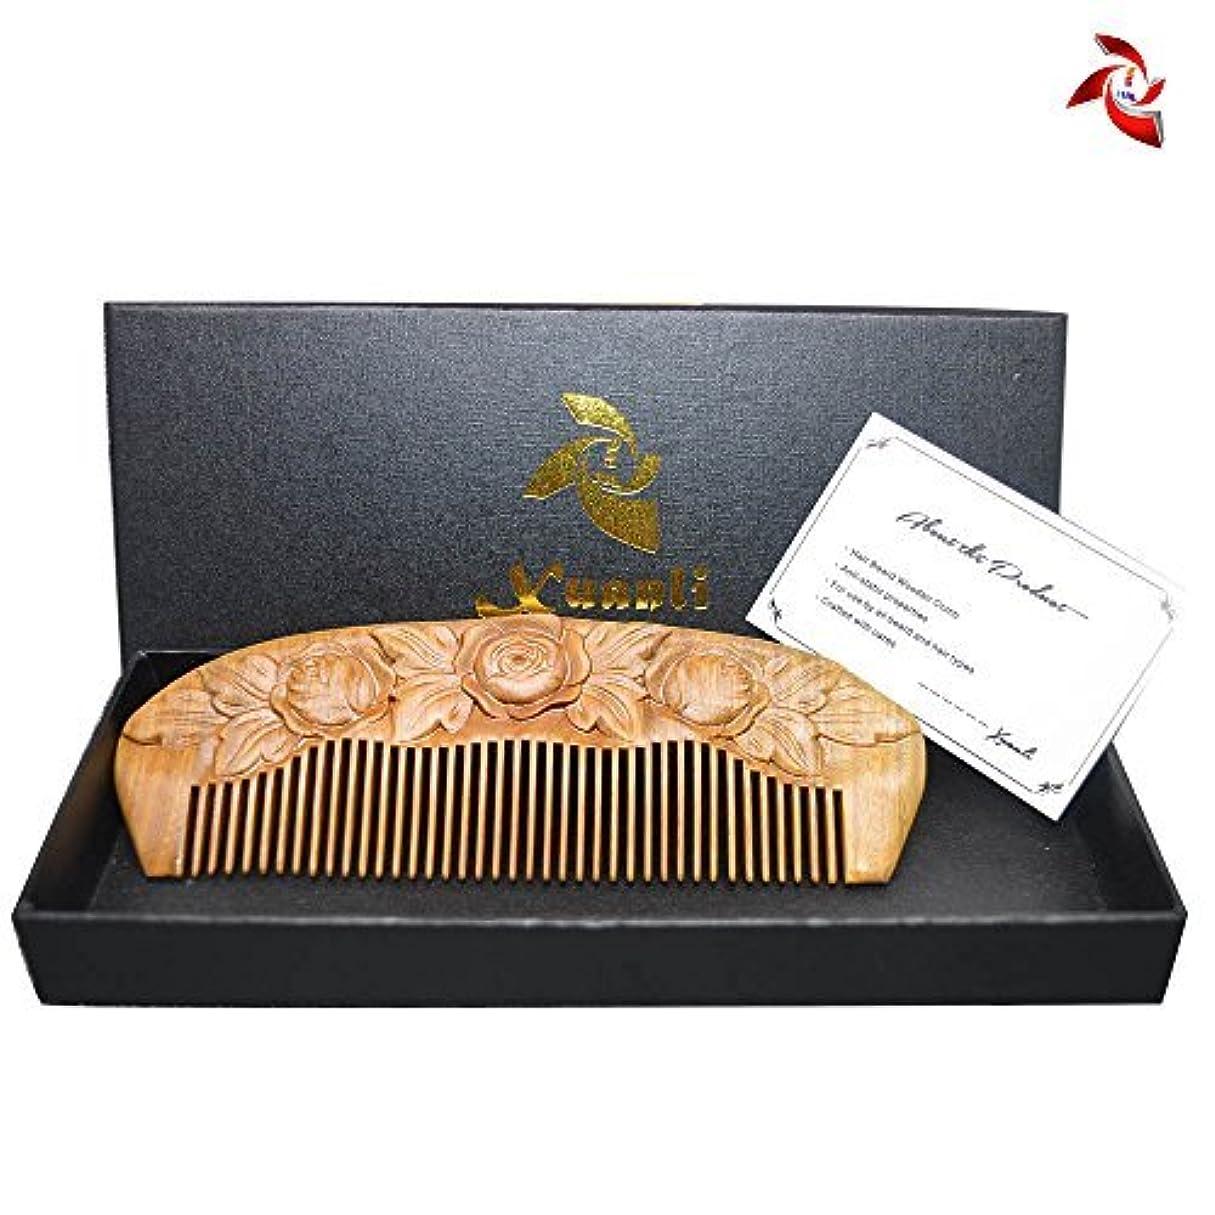 外交問題不屈に応じてXuanli Wood Combs Carving roses design Natural Green Sandalwood Combs Top Quality Handmade Combs For Hair No Static...